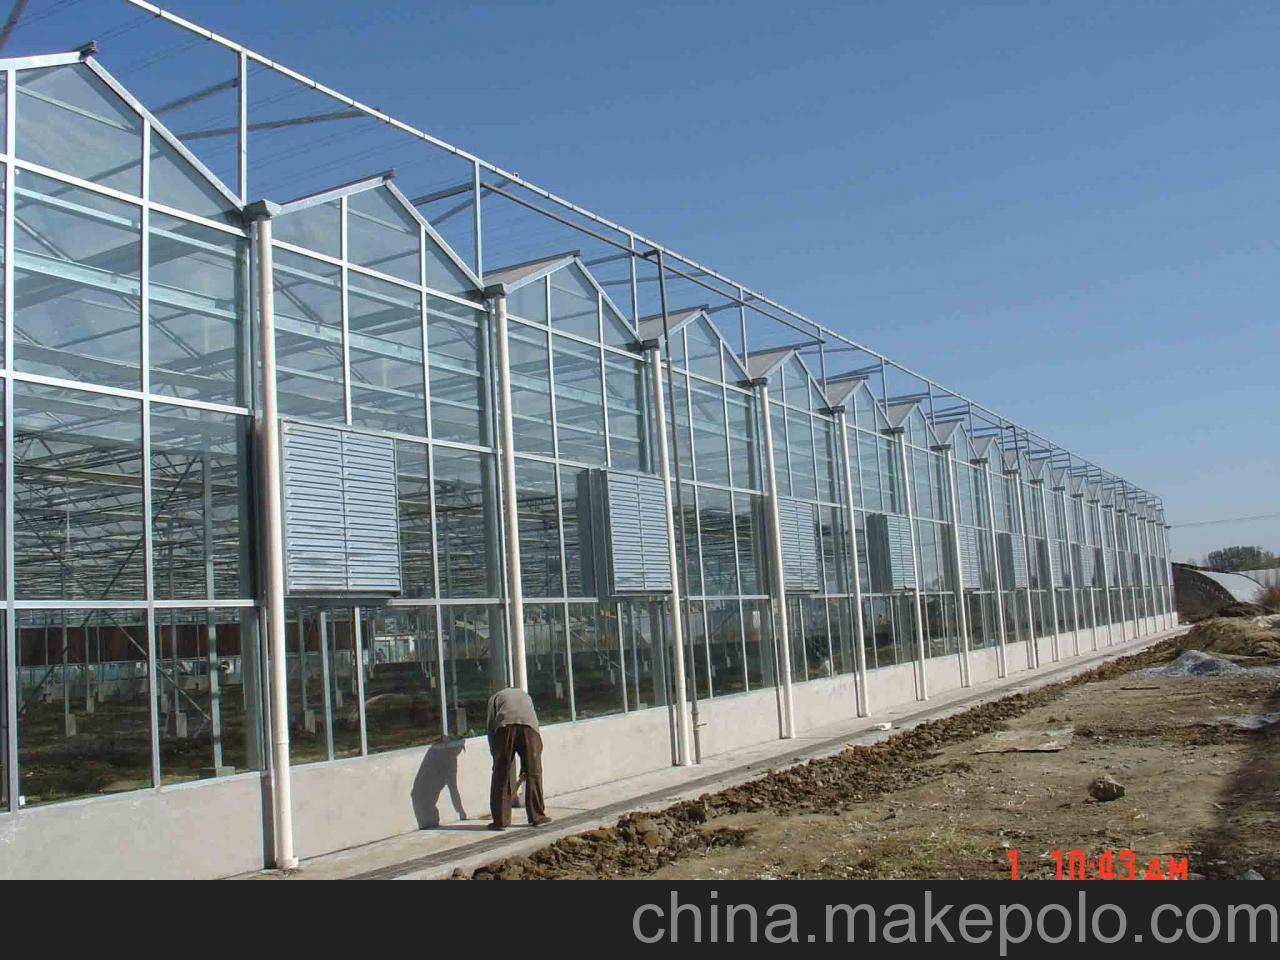 农业生态园/农业温室大棚/生态园餐厅,实力厂家青州万红温室